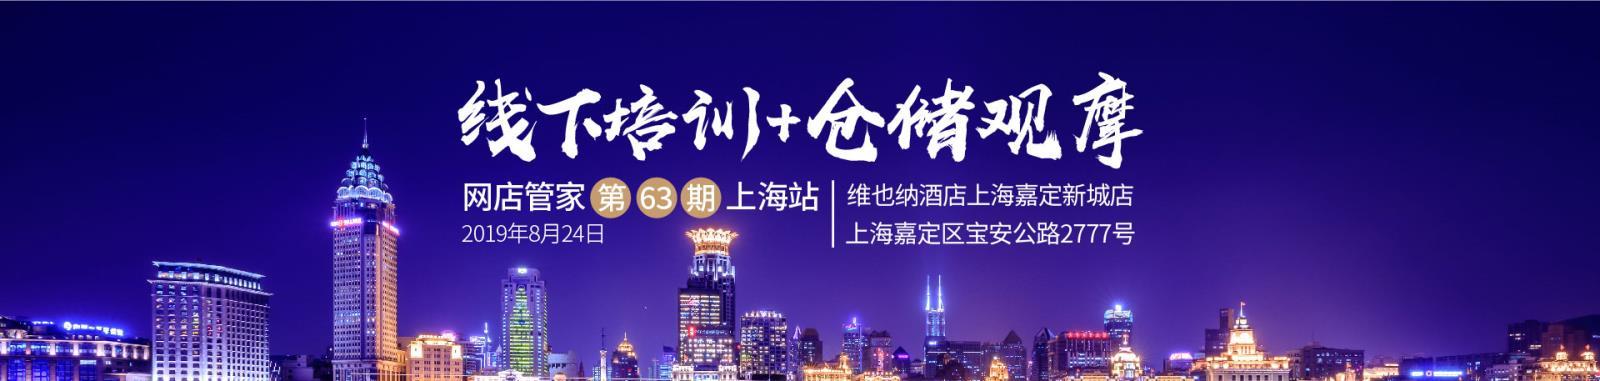 1上海站-02.jpg